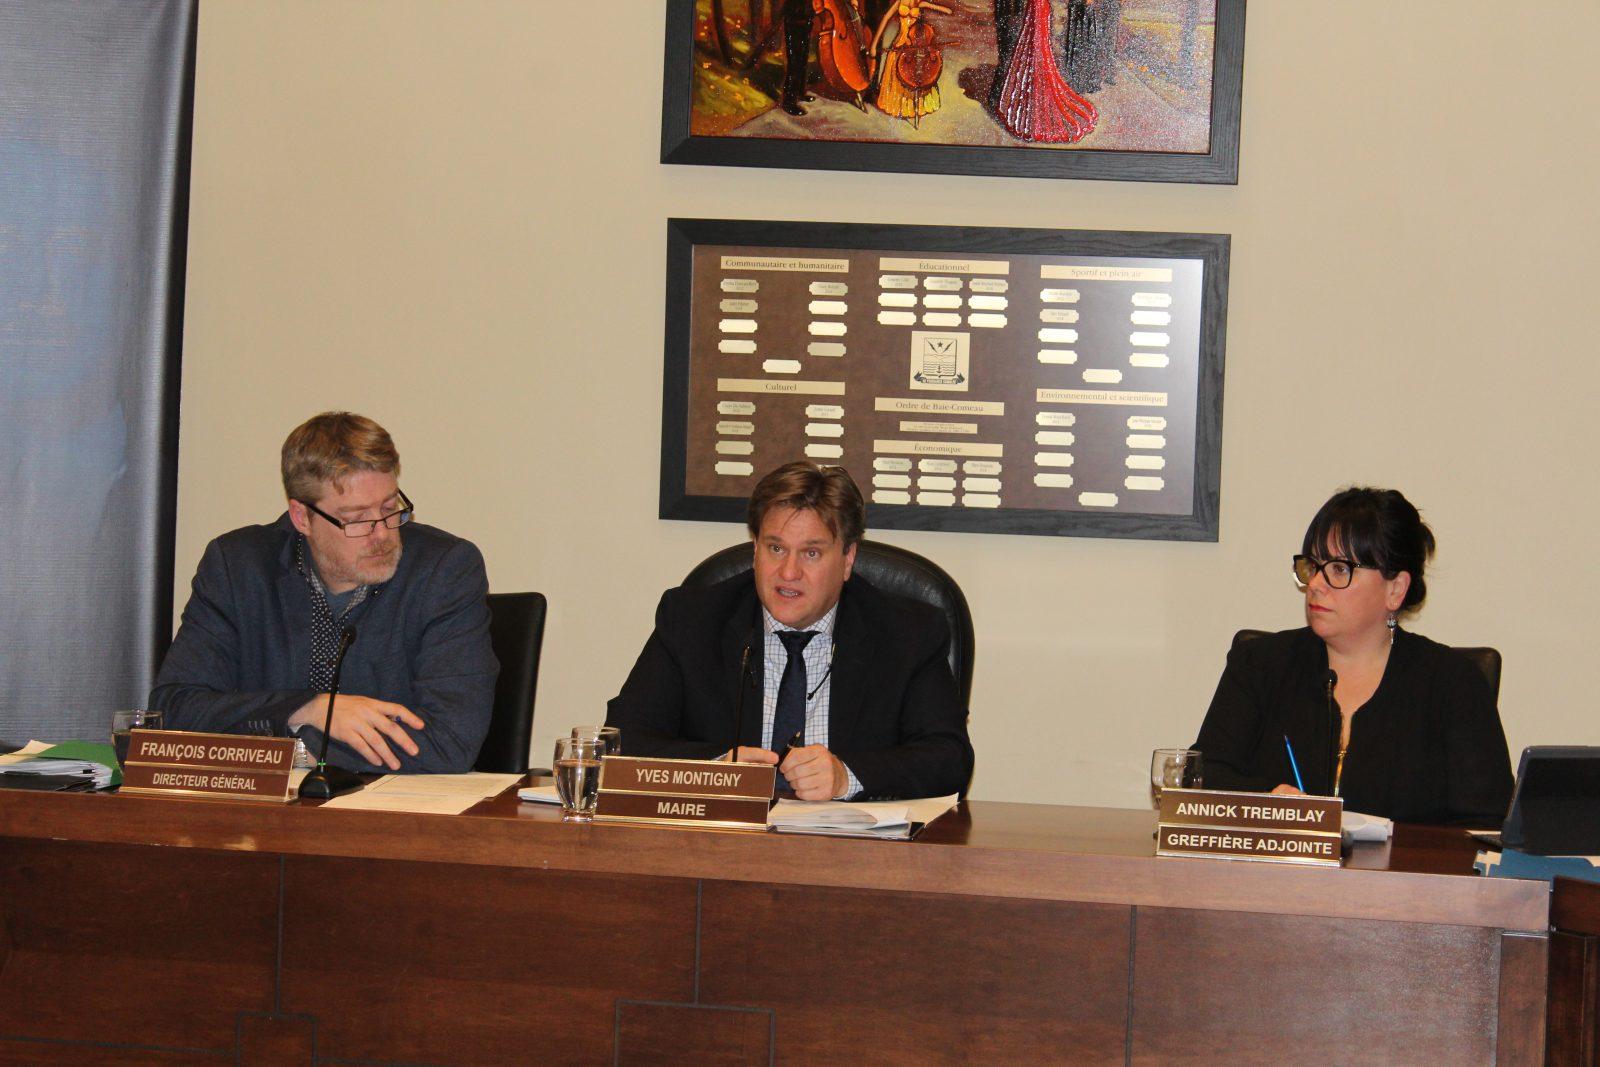 Les séances du conseil se feront à huis clos — Affaires municipales